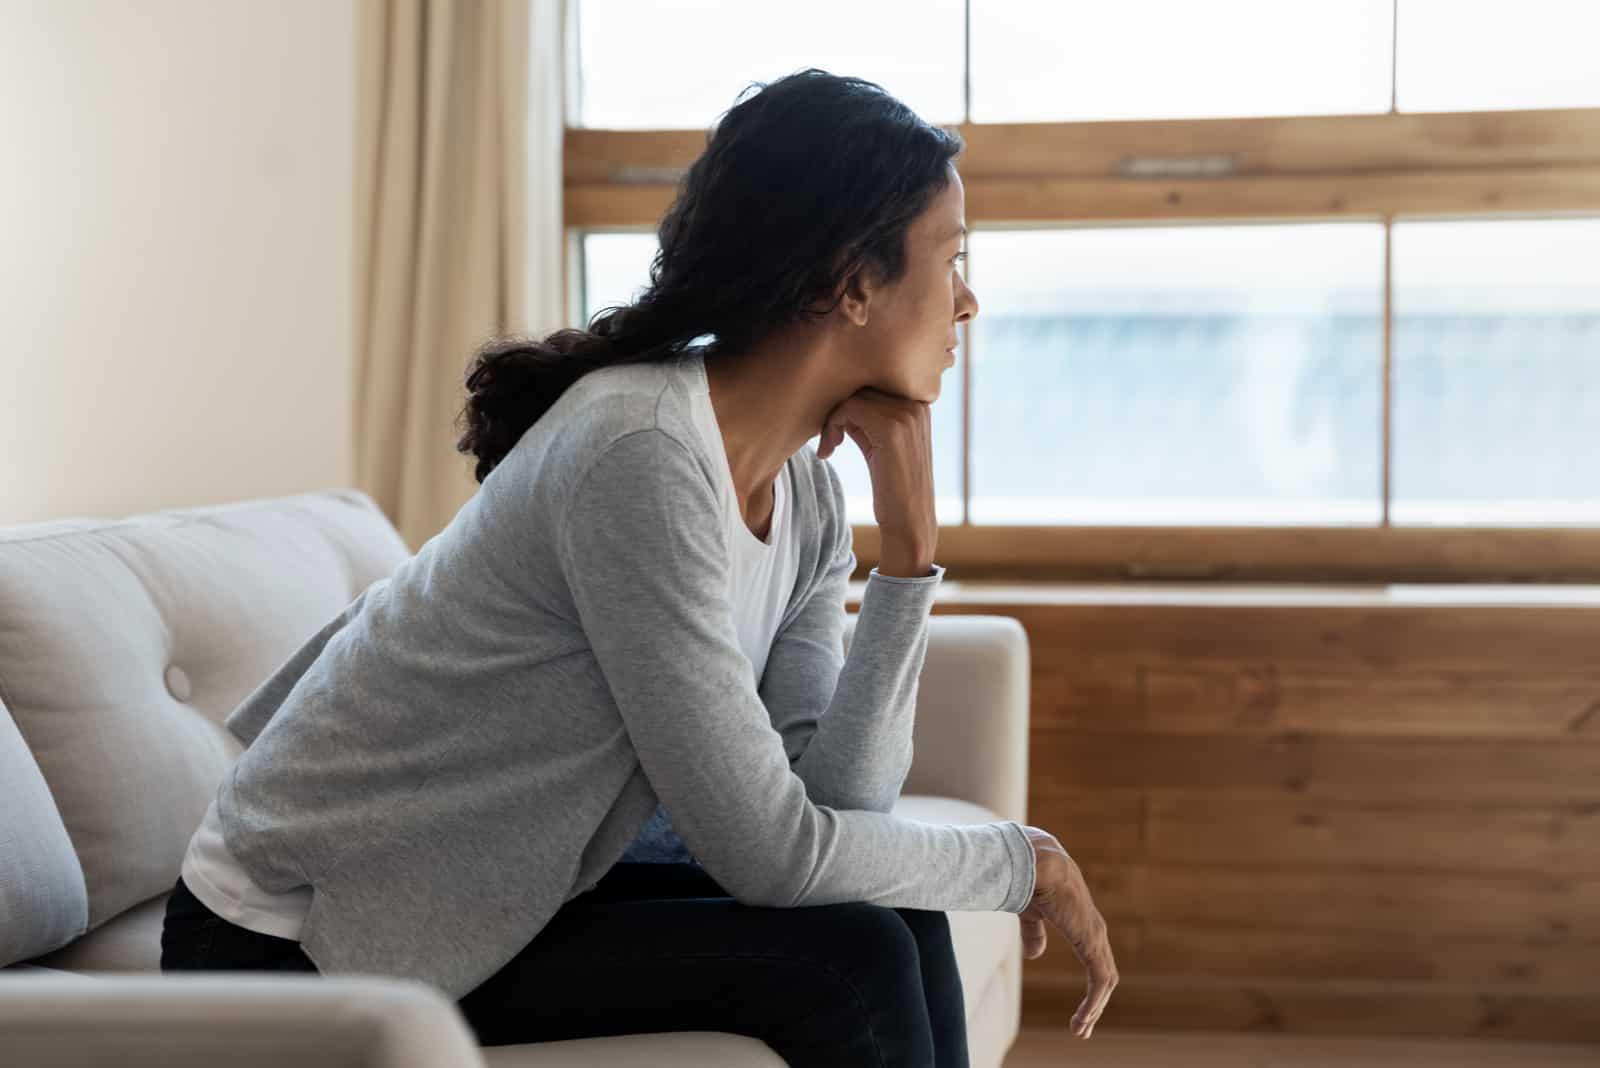 eine imaginäre Frau, die auf einer Couch sitzt